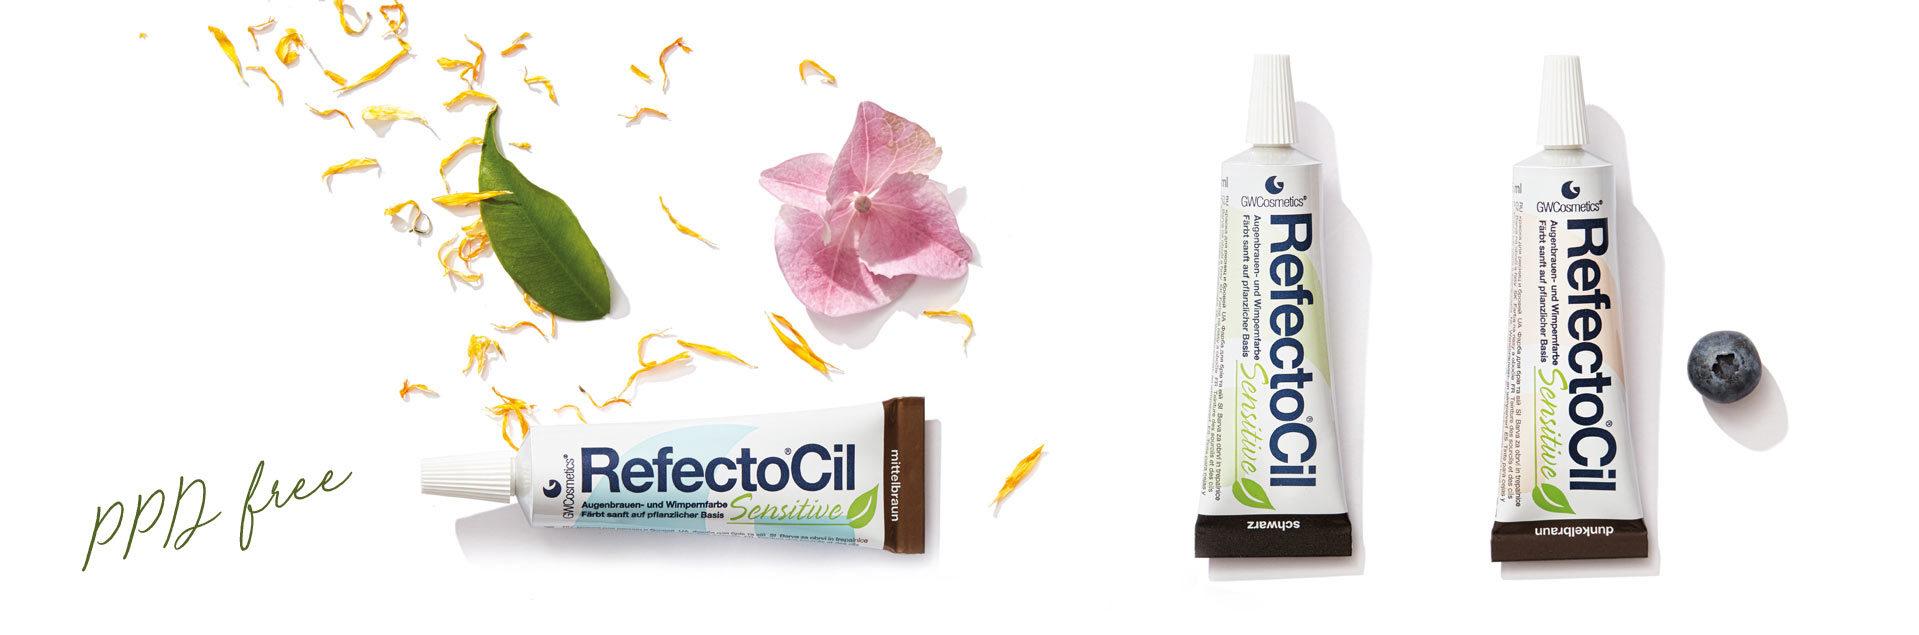 RefectoCil Sensitive - koloryzacja brwi i rzęs dla wrażliwych